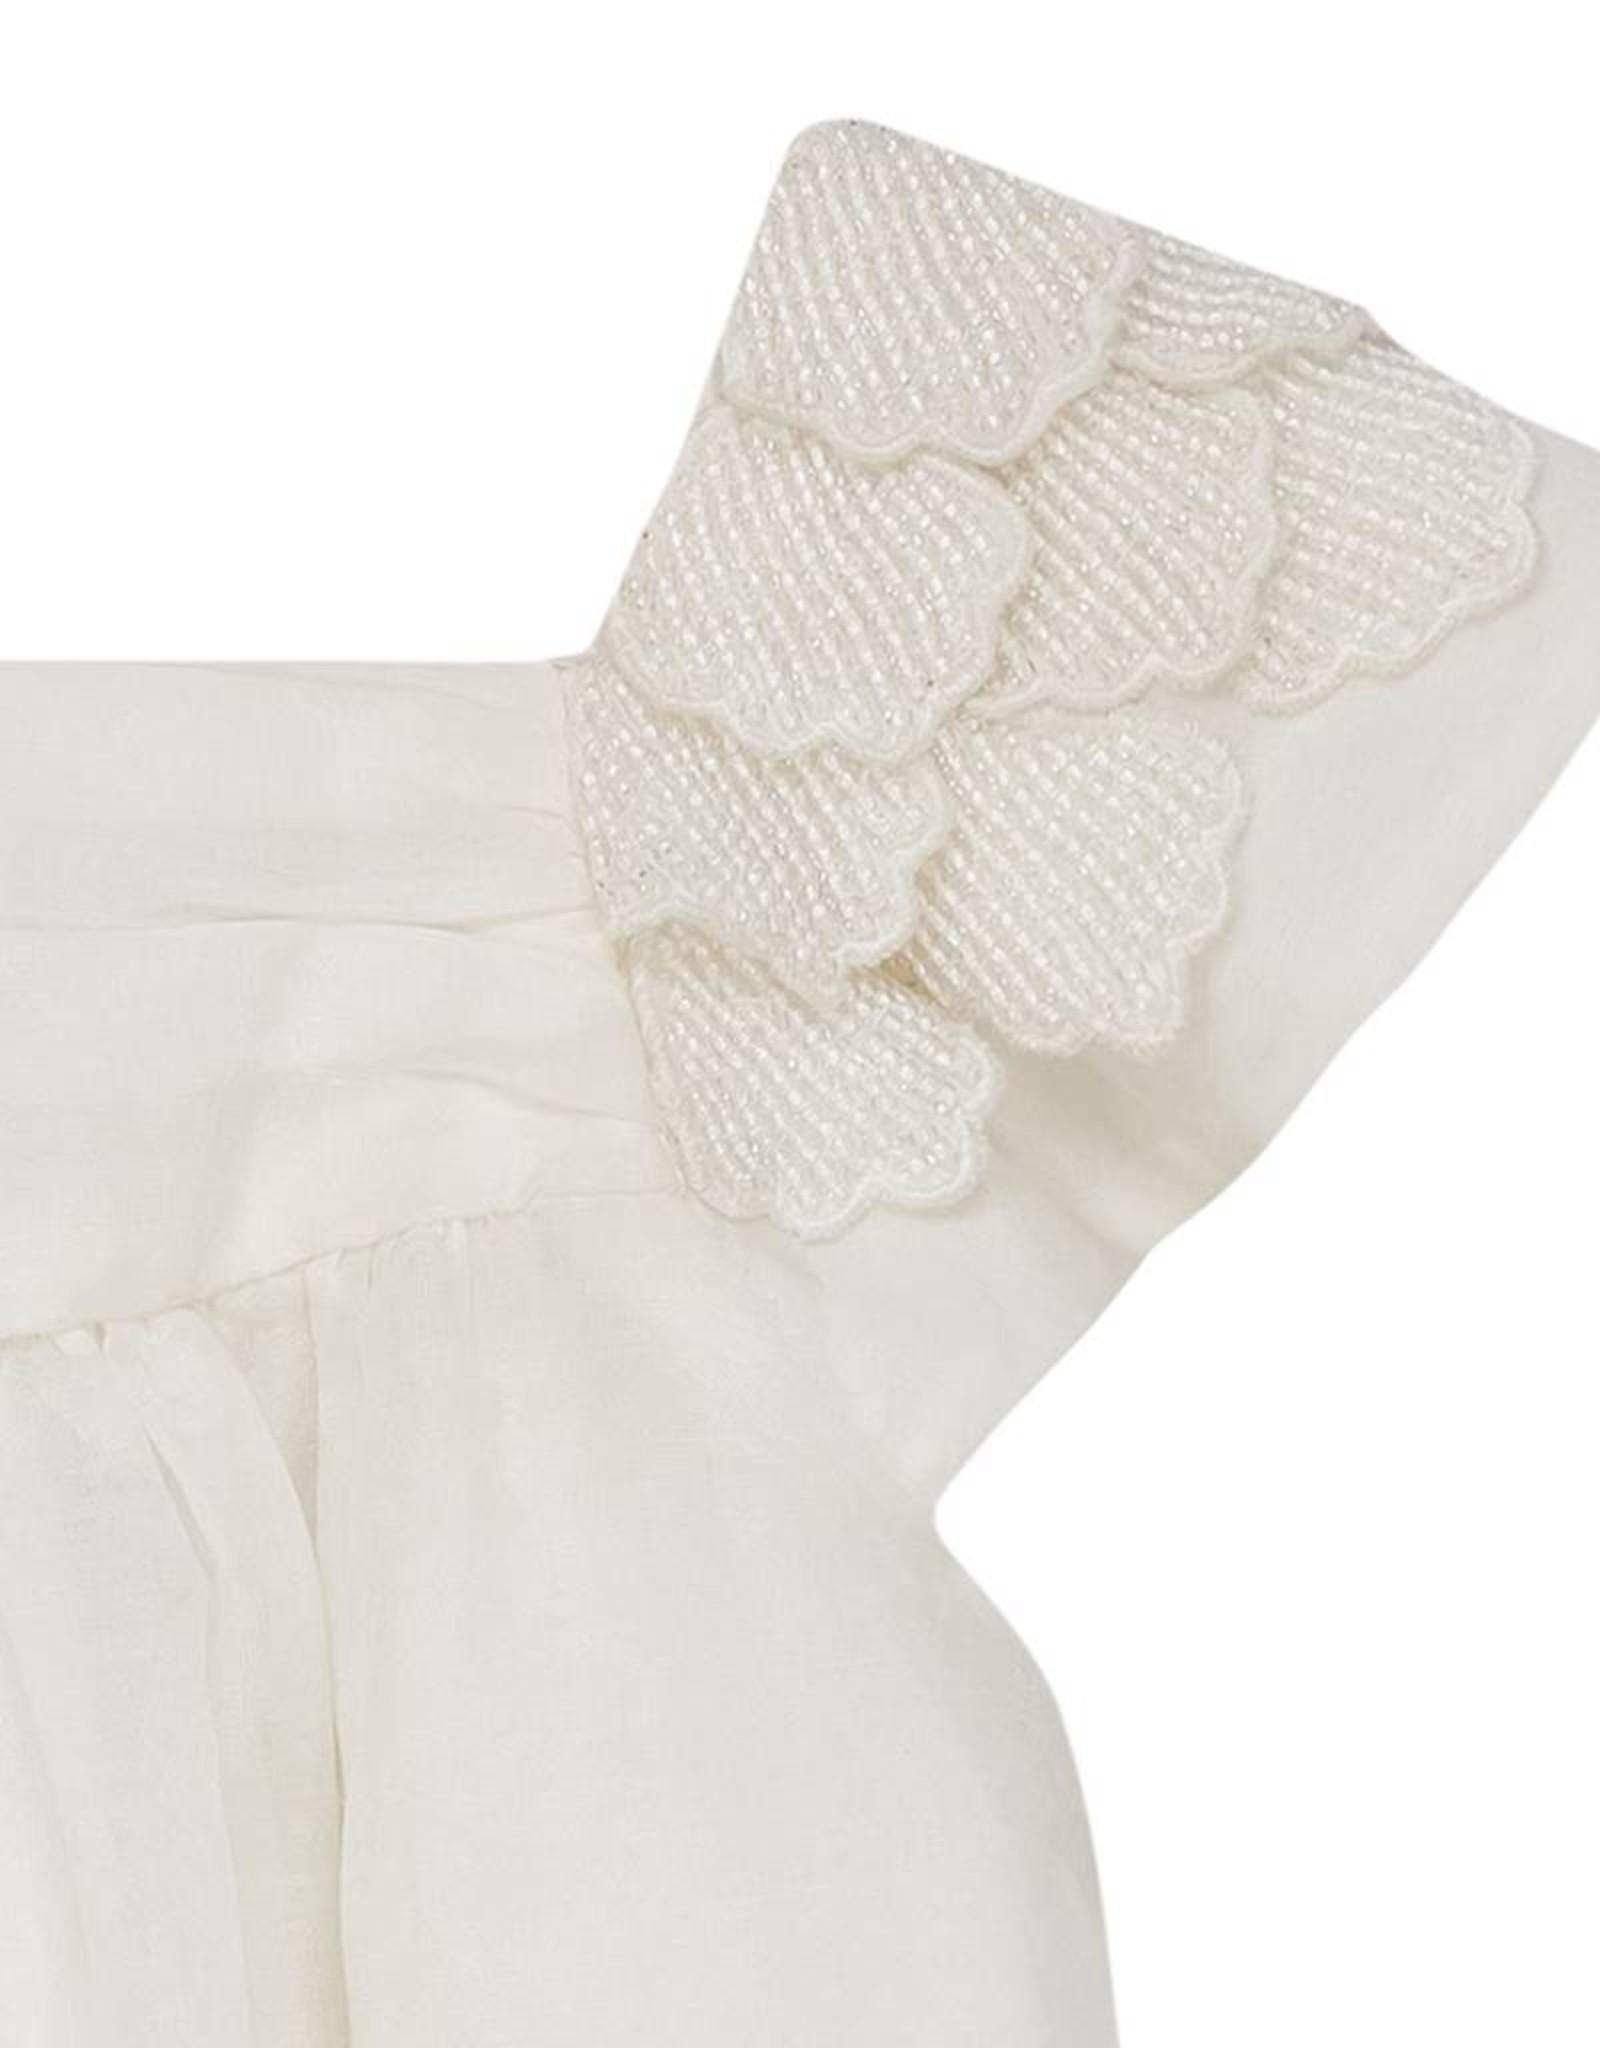 Baby ceremony dress